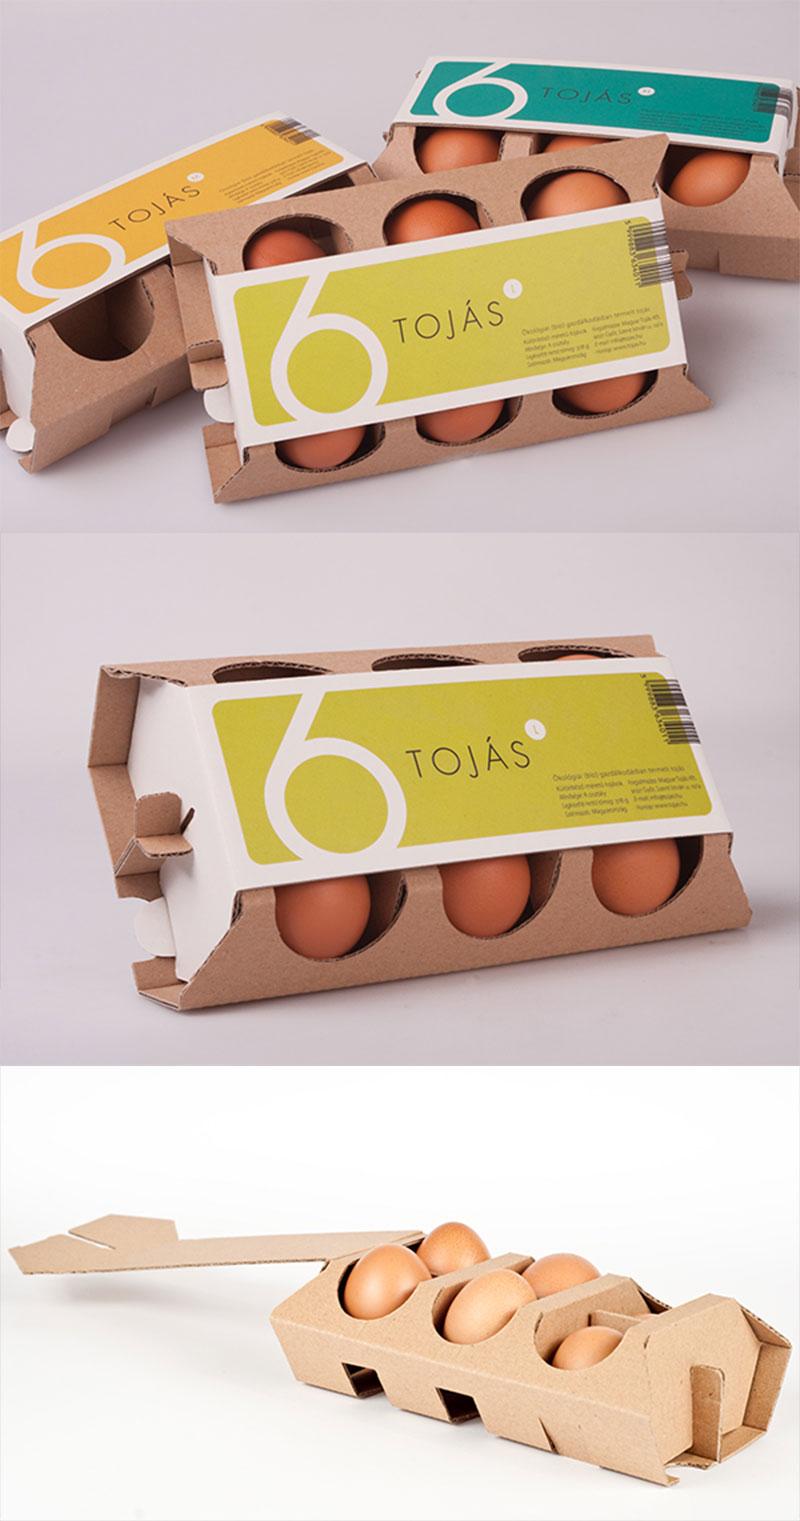 Egg Box 2 / Ei-Kasten 2 / Tojástartó 2 de Anita Vaskó